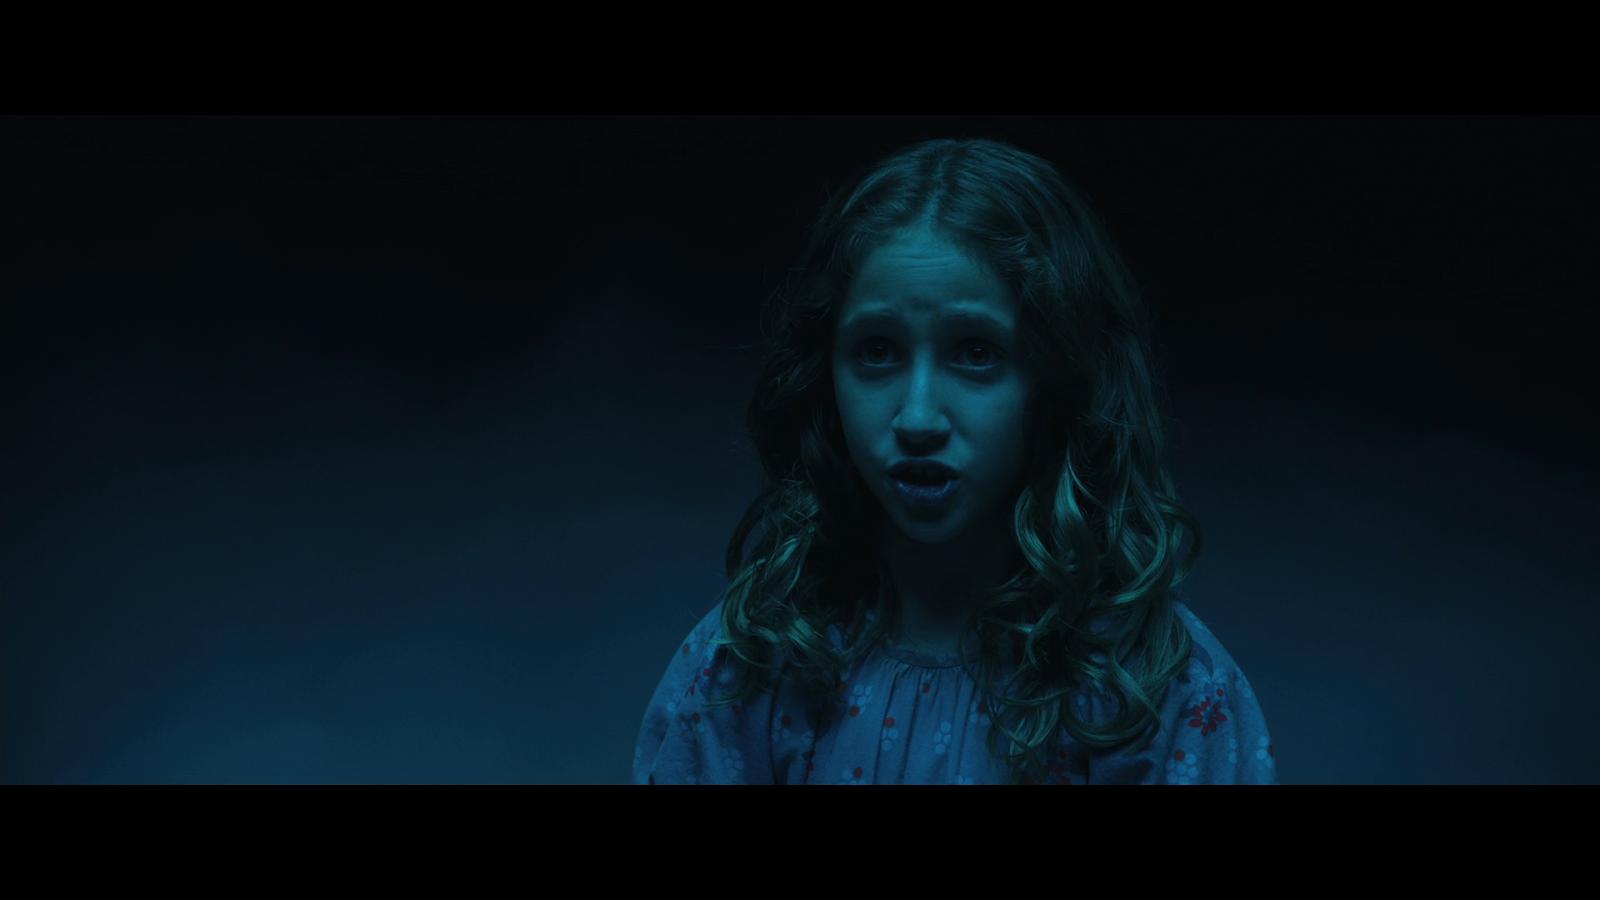 La Noche del Demonio: La última llave (2018) BRRip 1080p Latino-Ingles captura 4